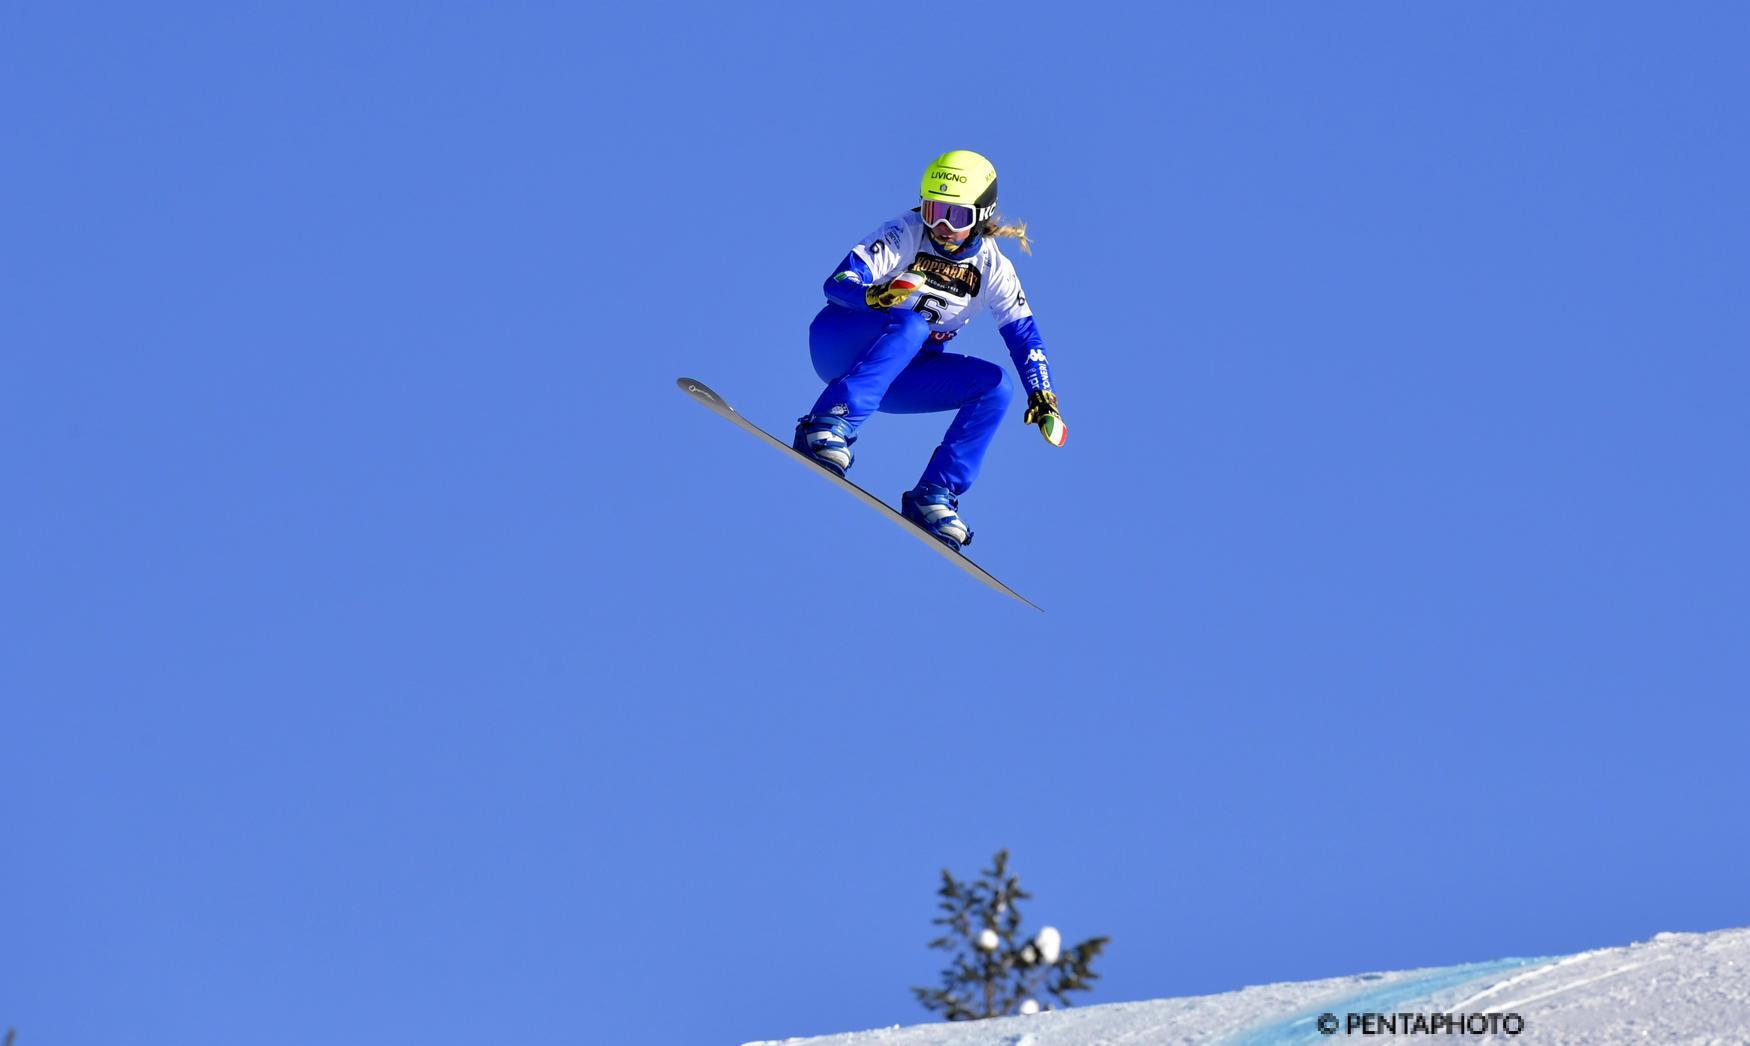 Snowboardcross: la Coppa del Mondo si sposta in Georgia a Bakuriani. Michela Moioli vuole scappare in ...